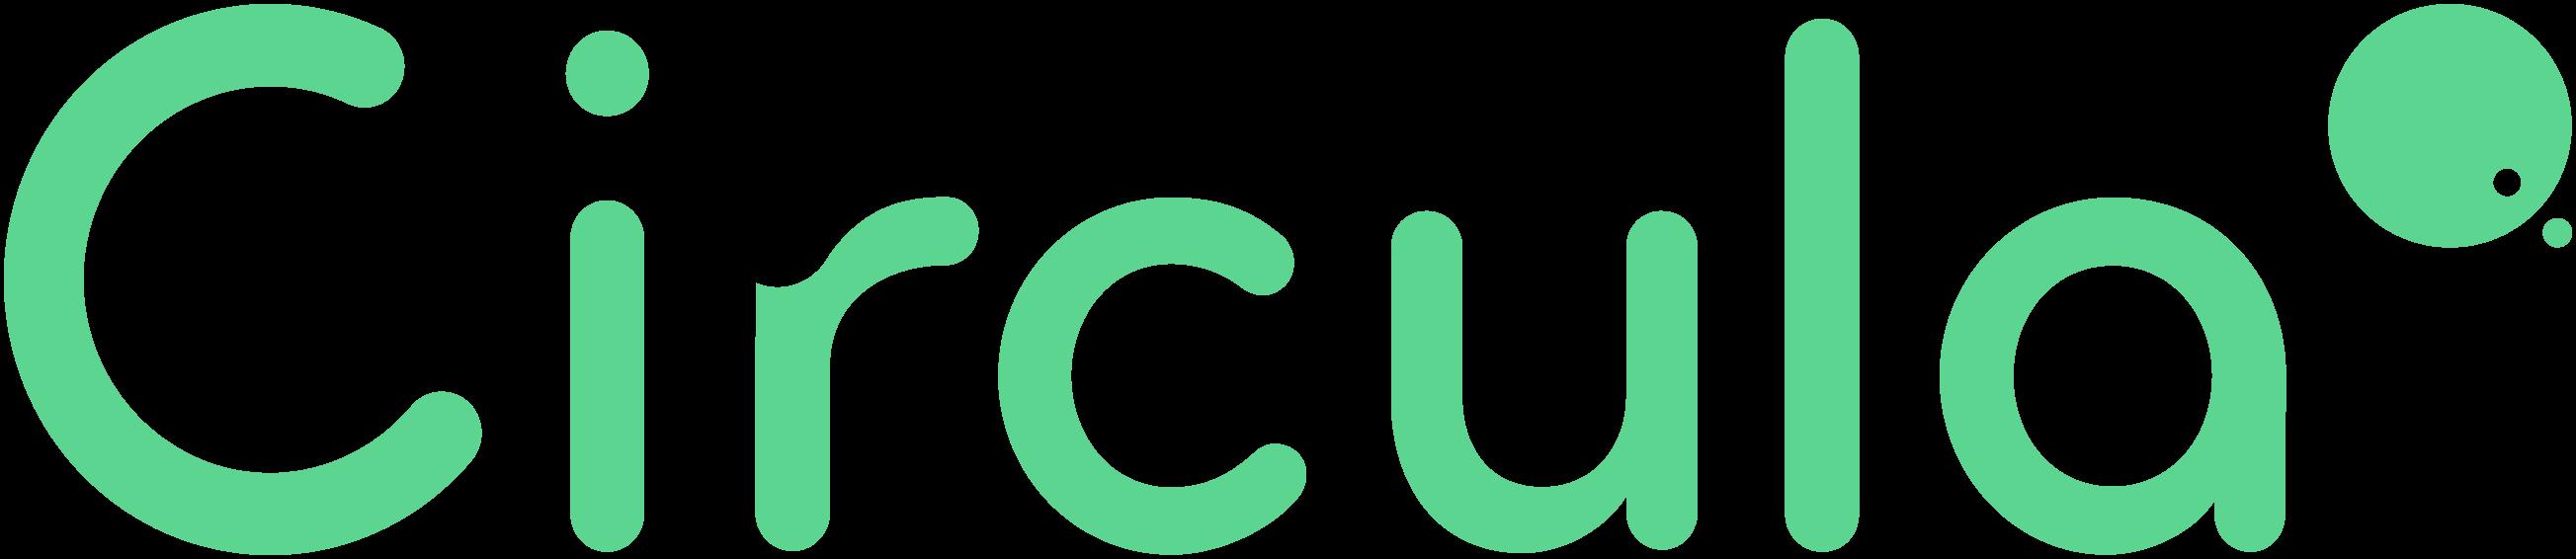 Circula